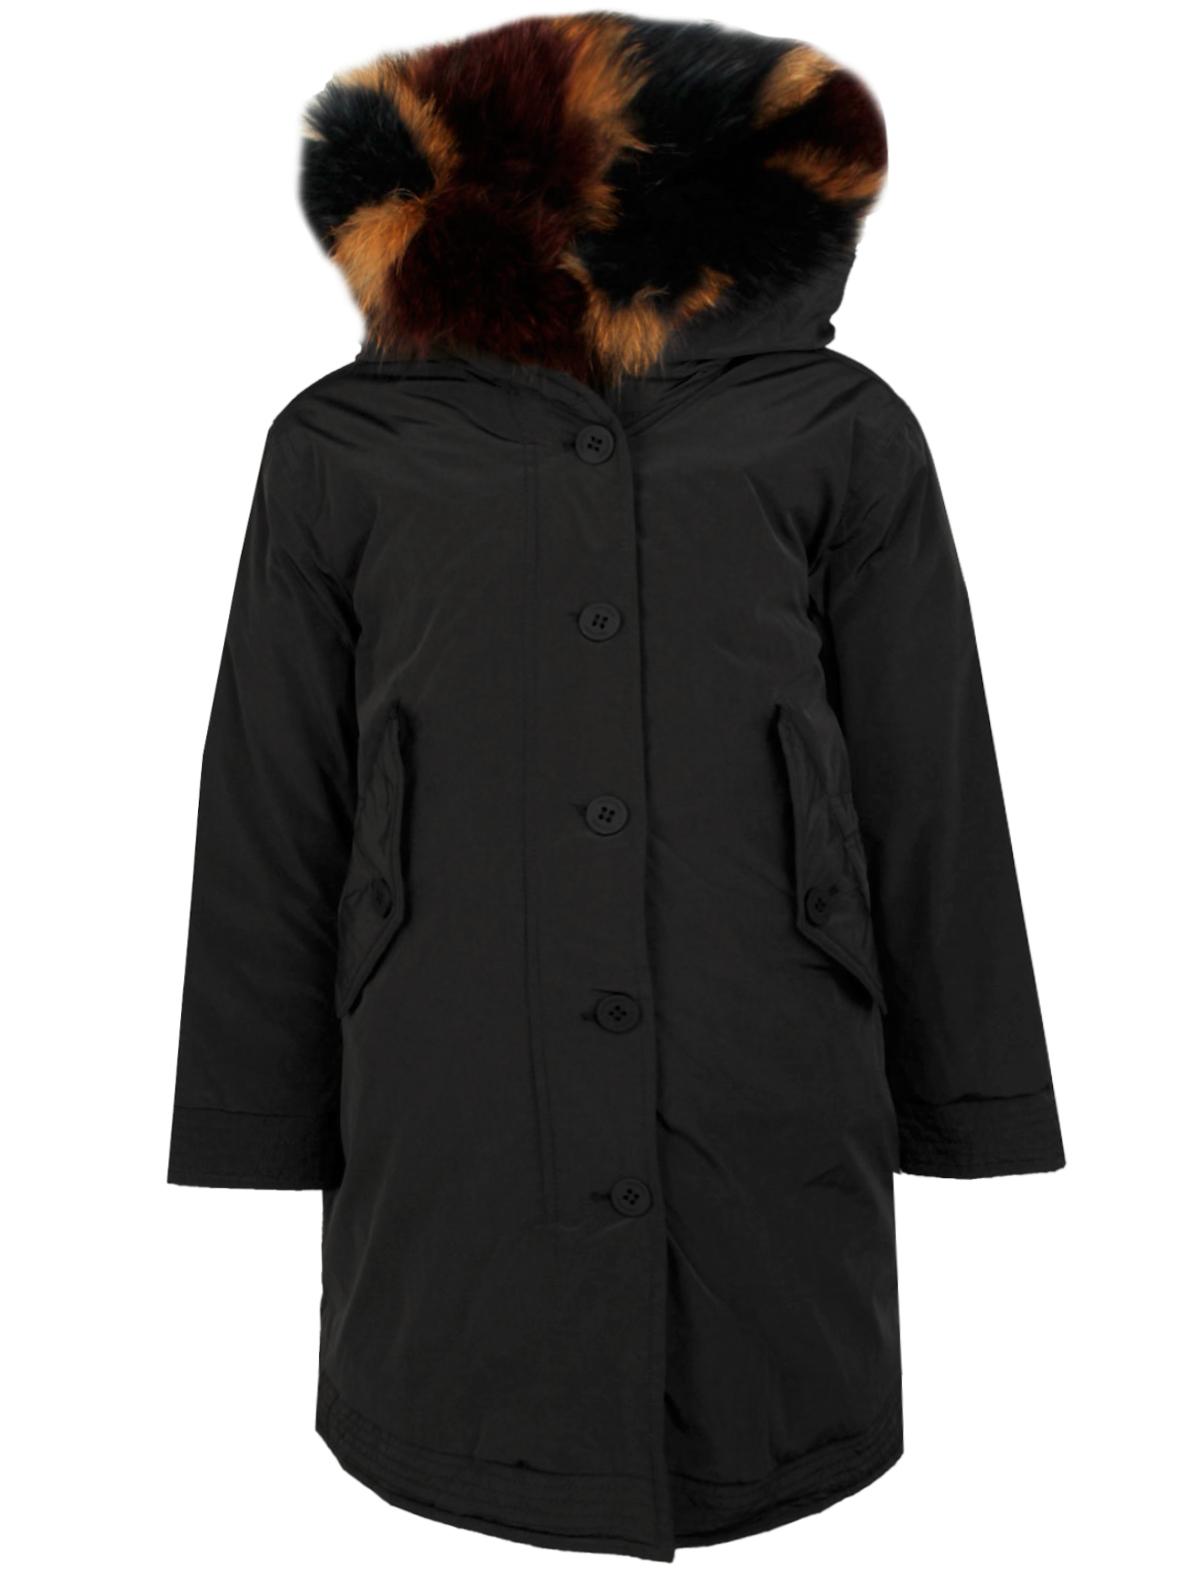 Купить 2118900, Куртка FREEDOMDAY, черный, Женский, 1071109980158